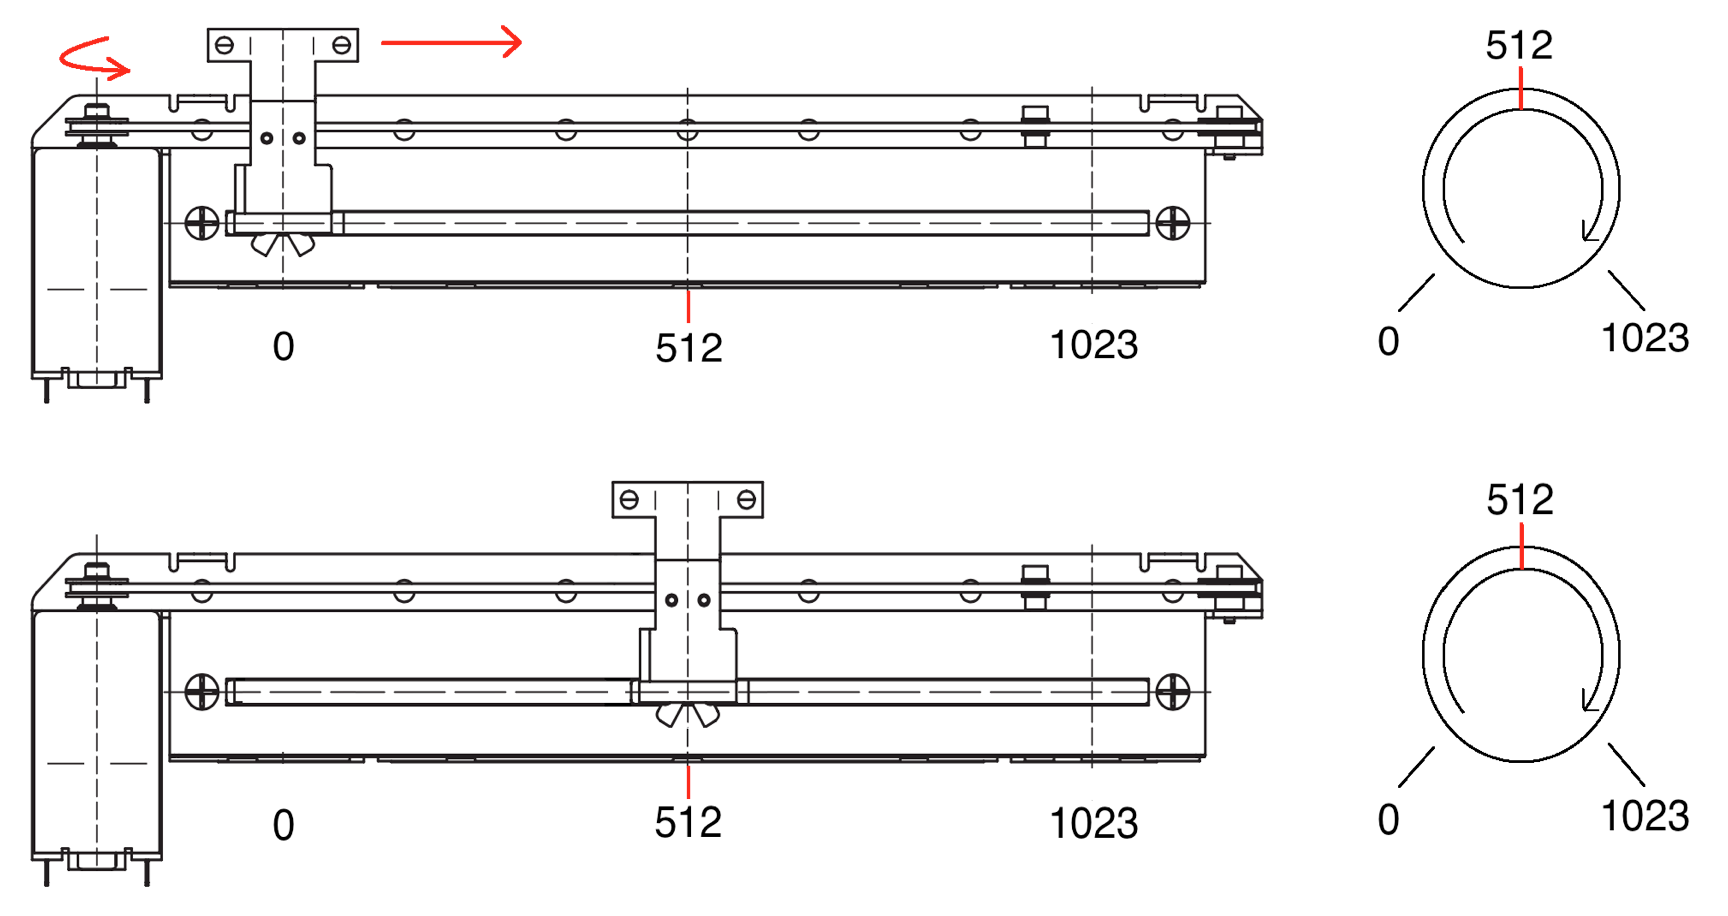 Lorsque la valeur imposée par le potentiomètre est supérieure au curseur, celui-ci est déplacé vers la droite jusqu'à atteindre la position requise par le potentiomètre.